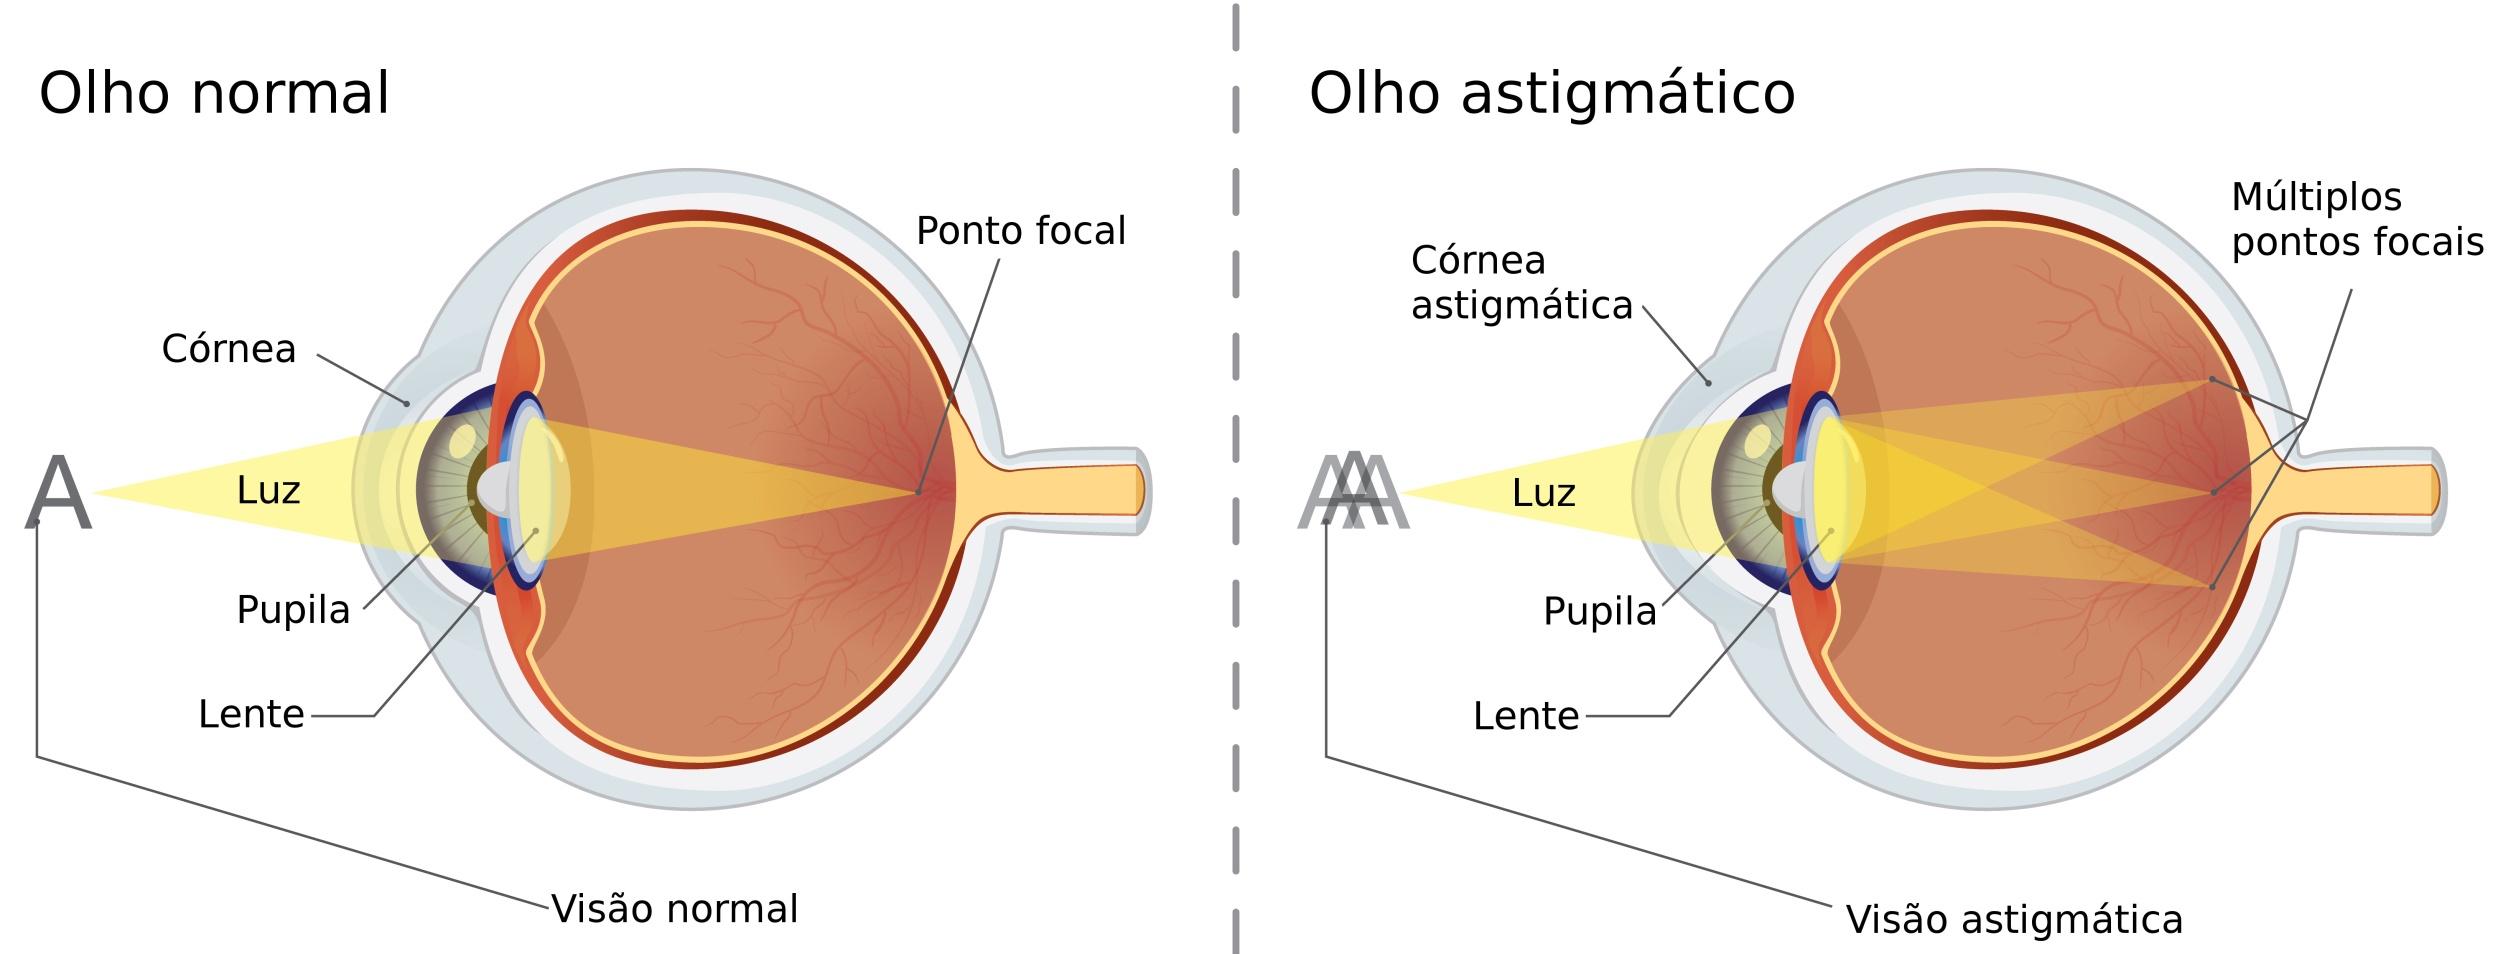 a265c69053 Comparação entre um olho normal e um olho de uma pessoa com astigmatismo.  Ilustração: solar22 / Shutterstock.com [adapatado]